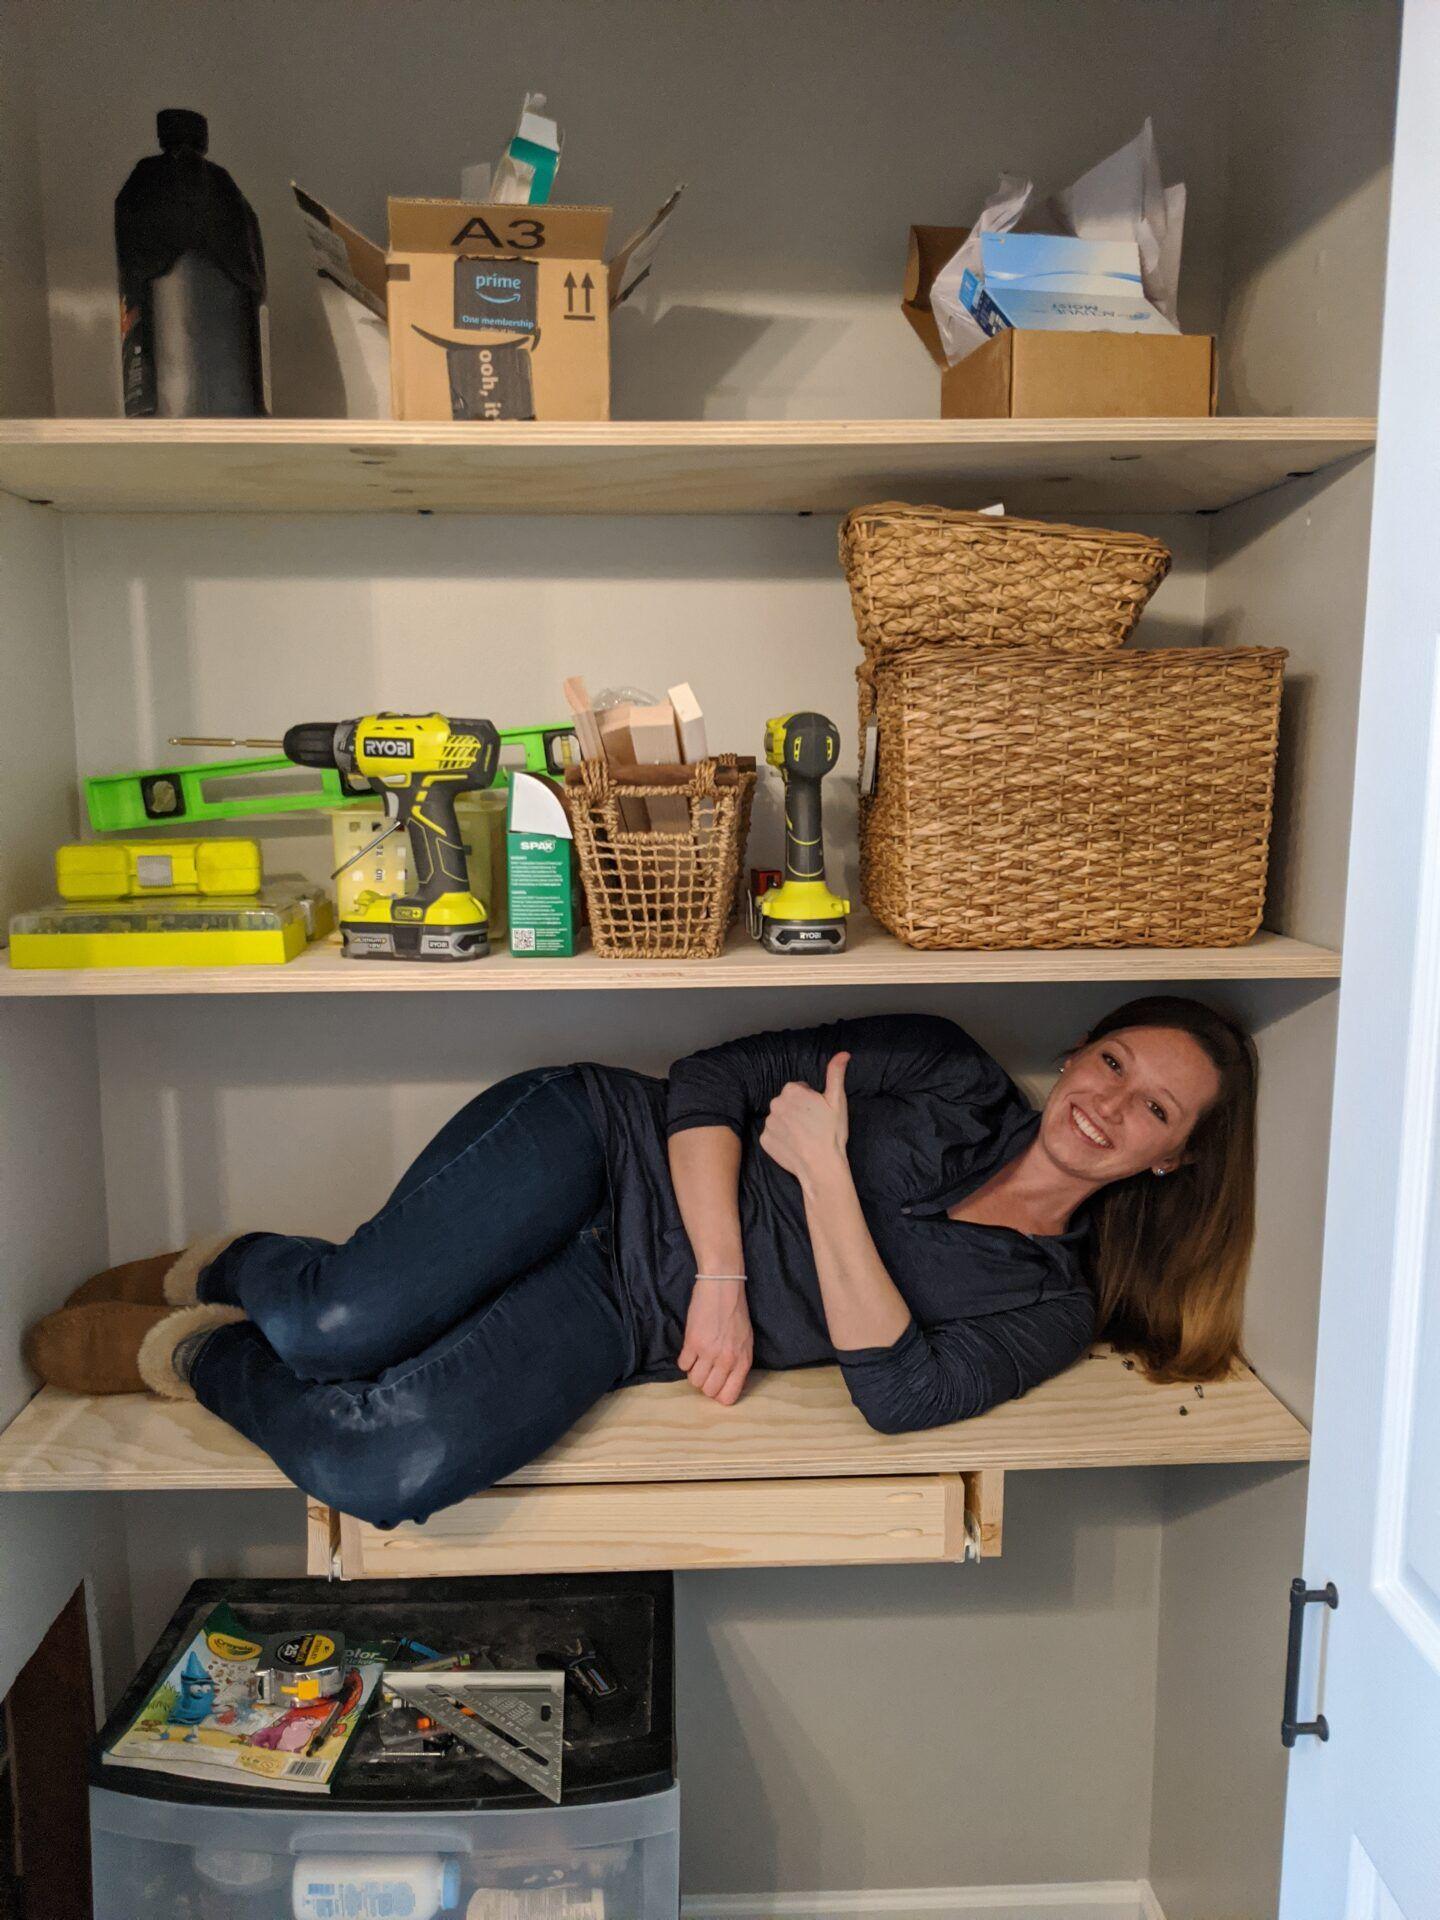 Diy closet organizer easy shelves to organize your